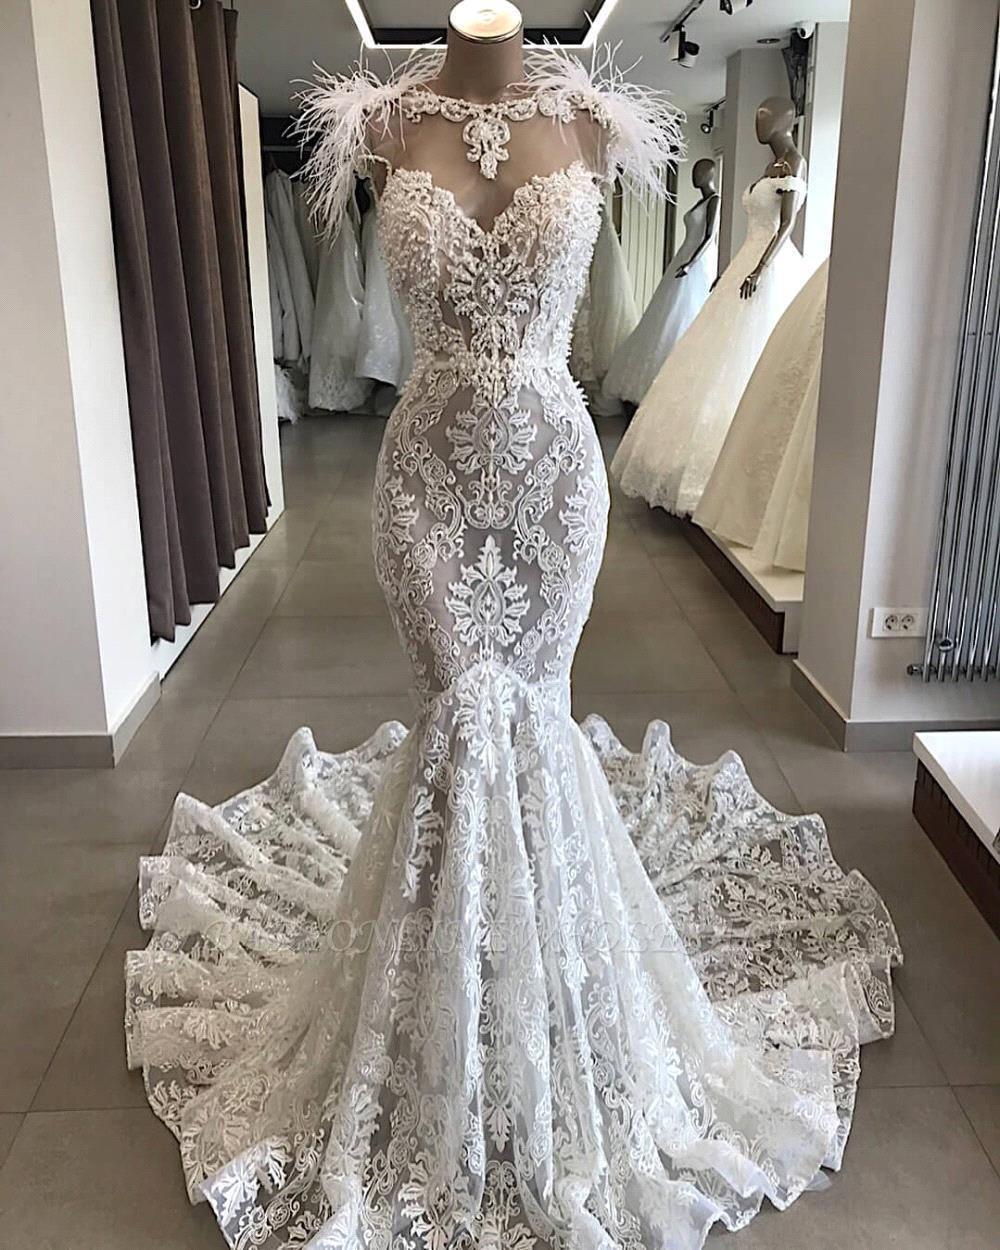 Vestido de novia largo de encaje blanco con espalda abierta de lujo con escote de piel